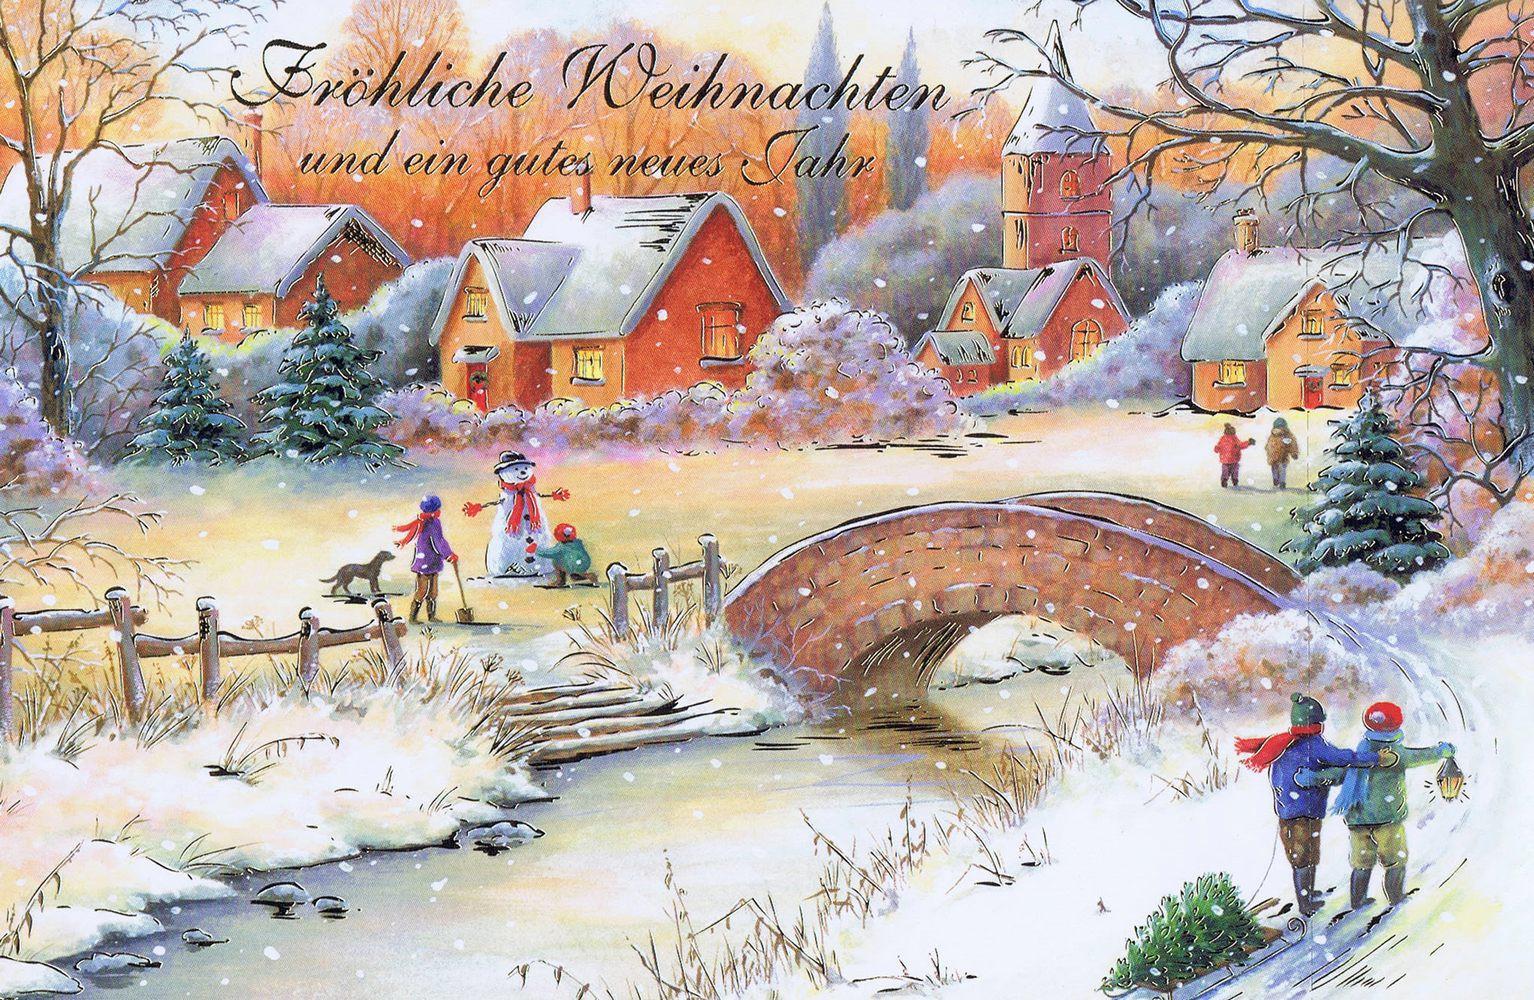 weihnachtskarte mit idyllischen weihnachtsbild 224297. Black Bedroom Furniture Sets. Home Design Ideas